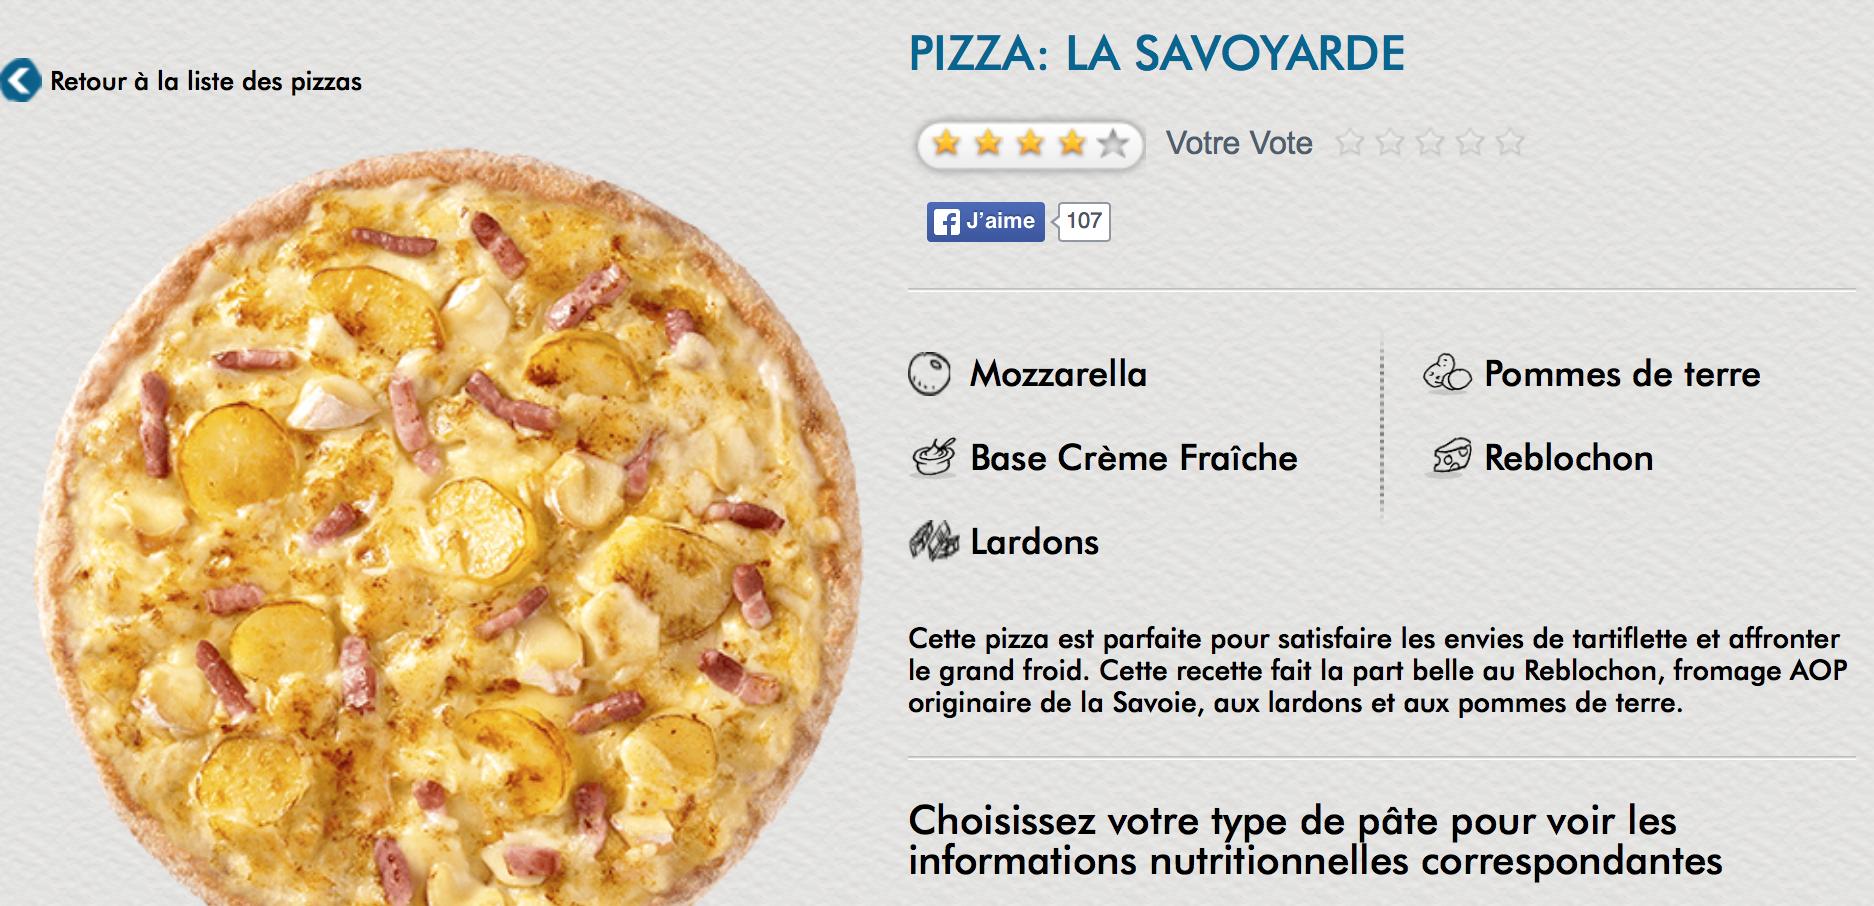 pizzasavoyarde_dominos